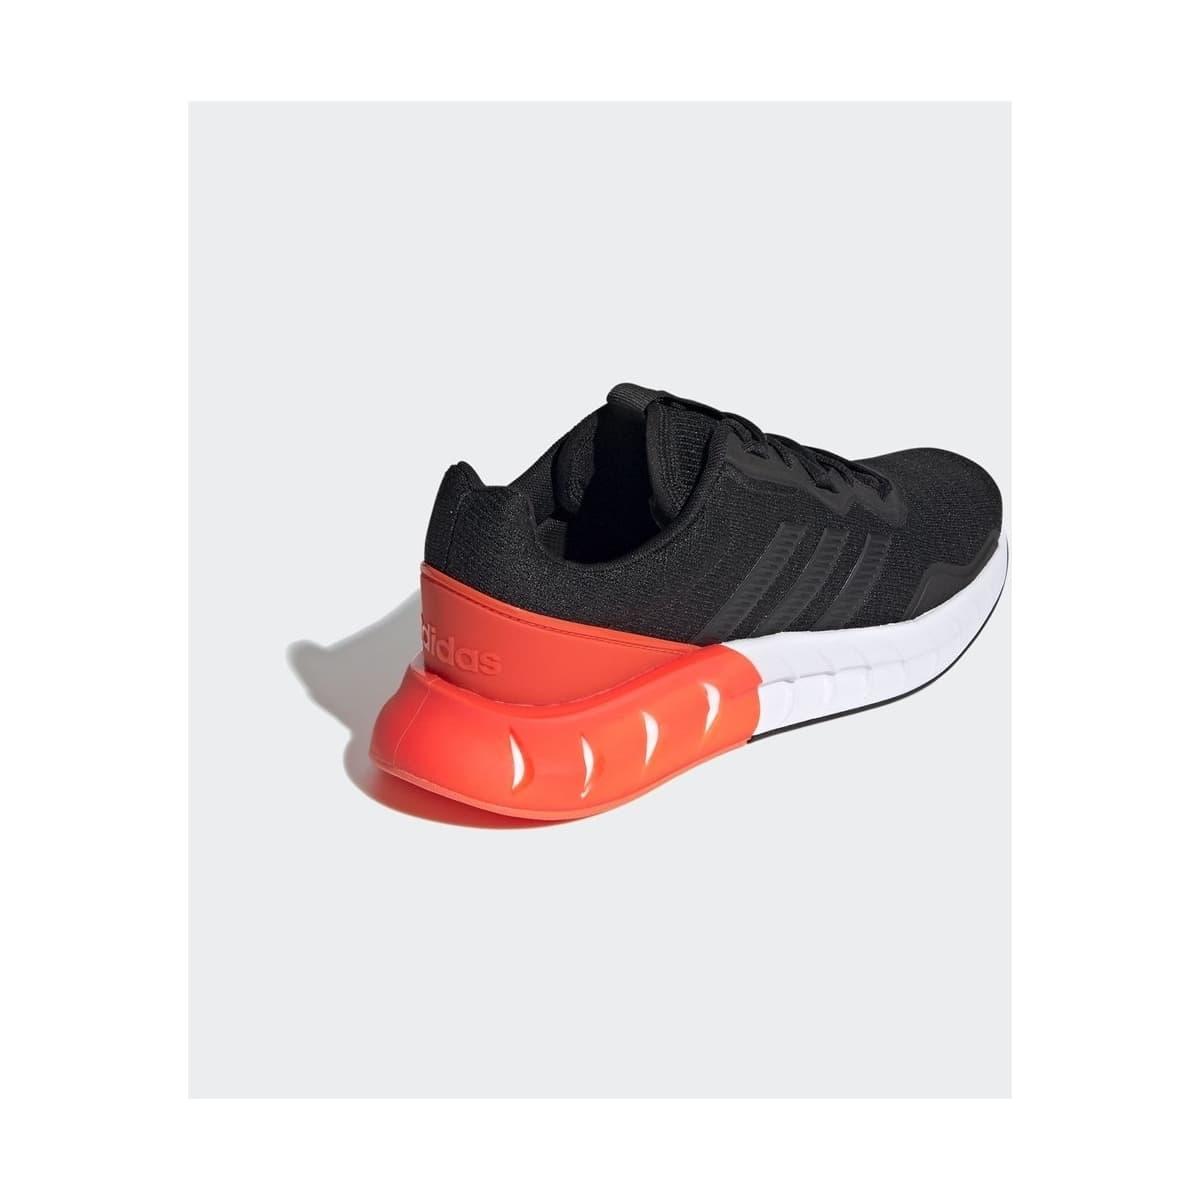 Kaptir Super Erkek Siyah Koşu Ayakkabısı (FZ2869)